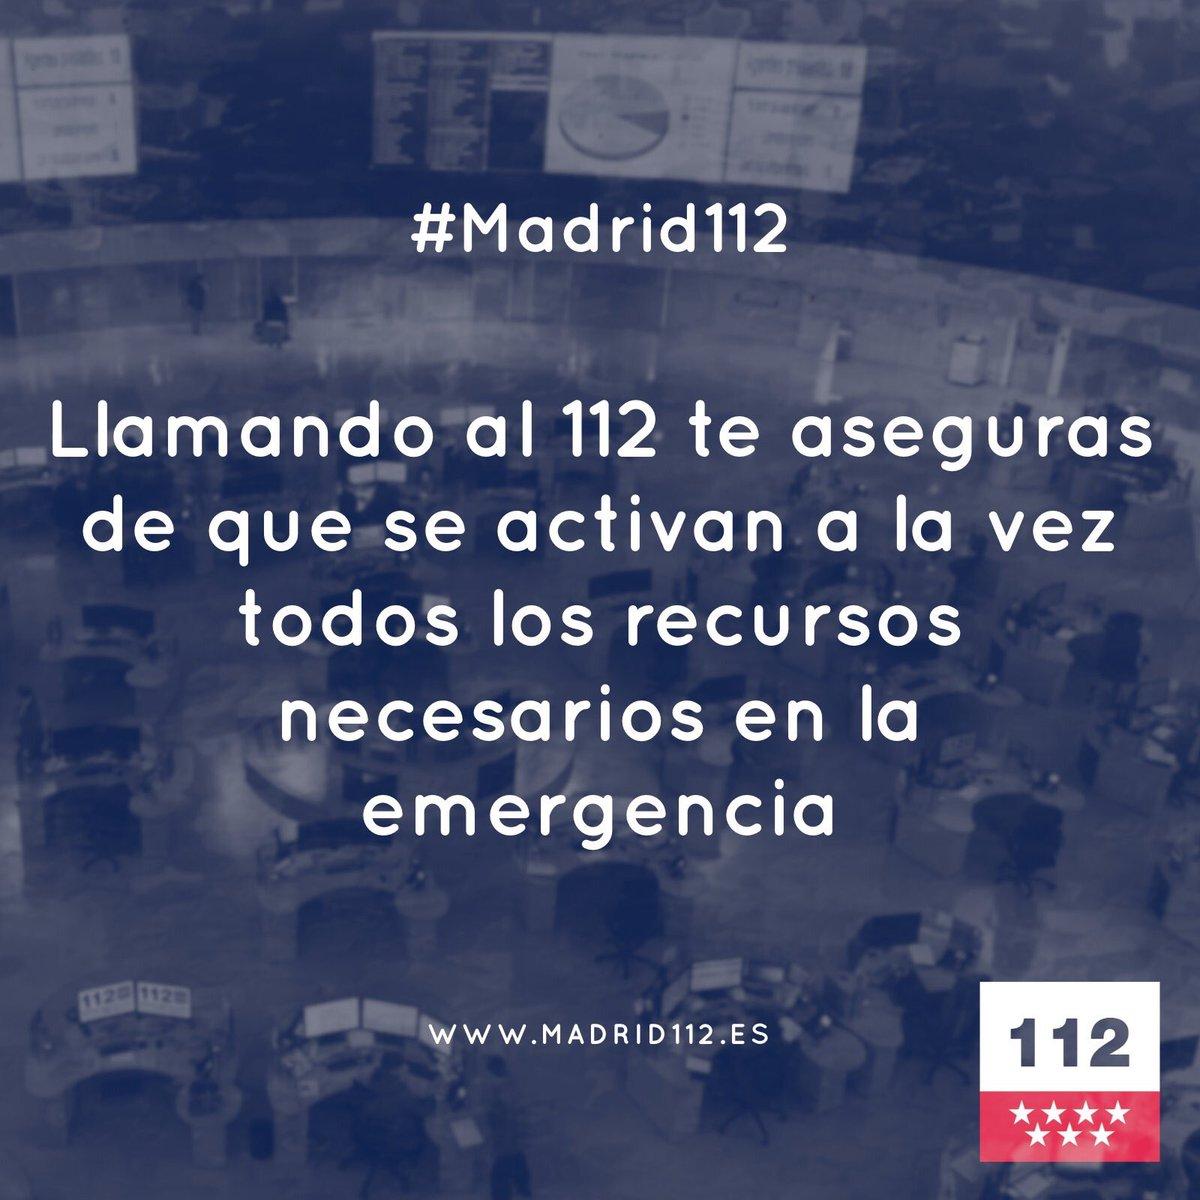 112 Comunidad Madrid On Twitter El 1 1 2 Es Un Número De Atención